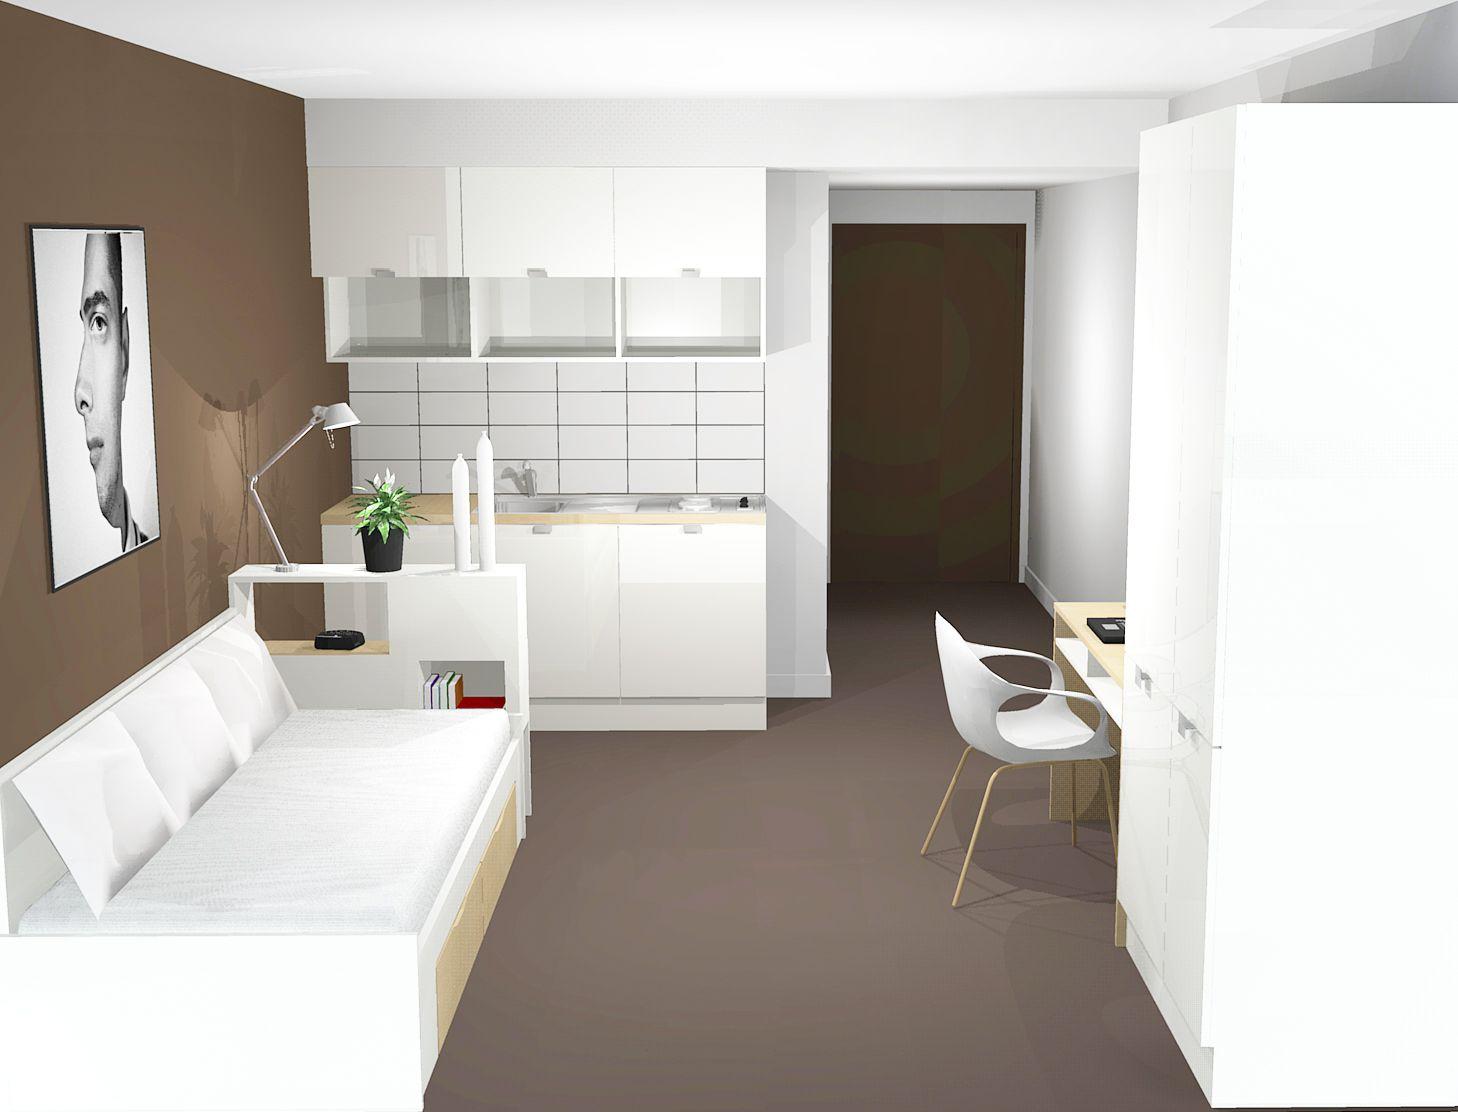 maison amitel logements pour jeunes actifs et tudiants strasbourg with dcoration studio tudiant 20m2. Black Bedroom Furniture Sets. Home Design Ideas